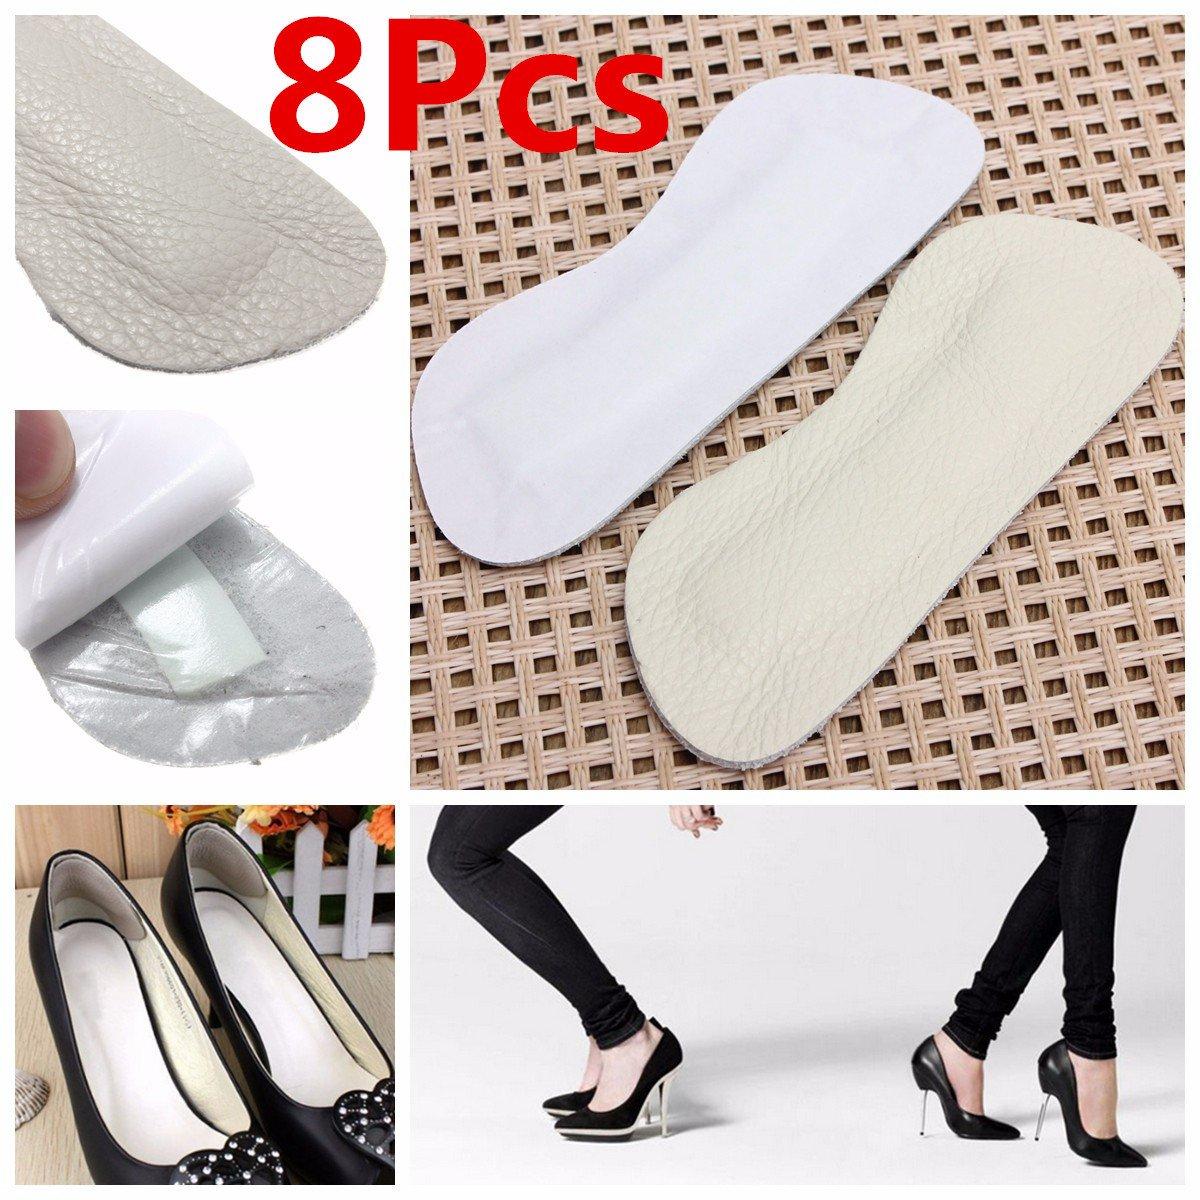 [Free Shipping] 8Pcs Gray Leather Gel Heel Cushion Protector Foot Feet Shoe Insert Pad Insole // 8pcs gel de cuir gris pavé insert talon pieds coussin protecteur de pied de semelle de chaussure